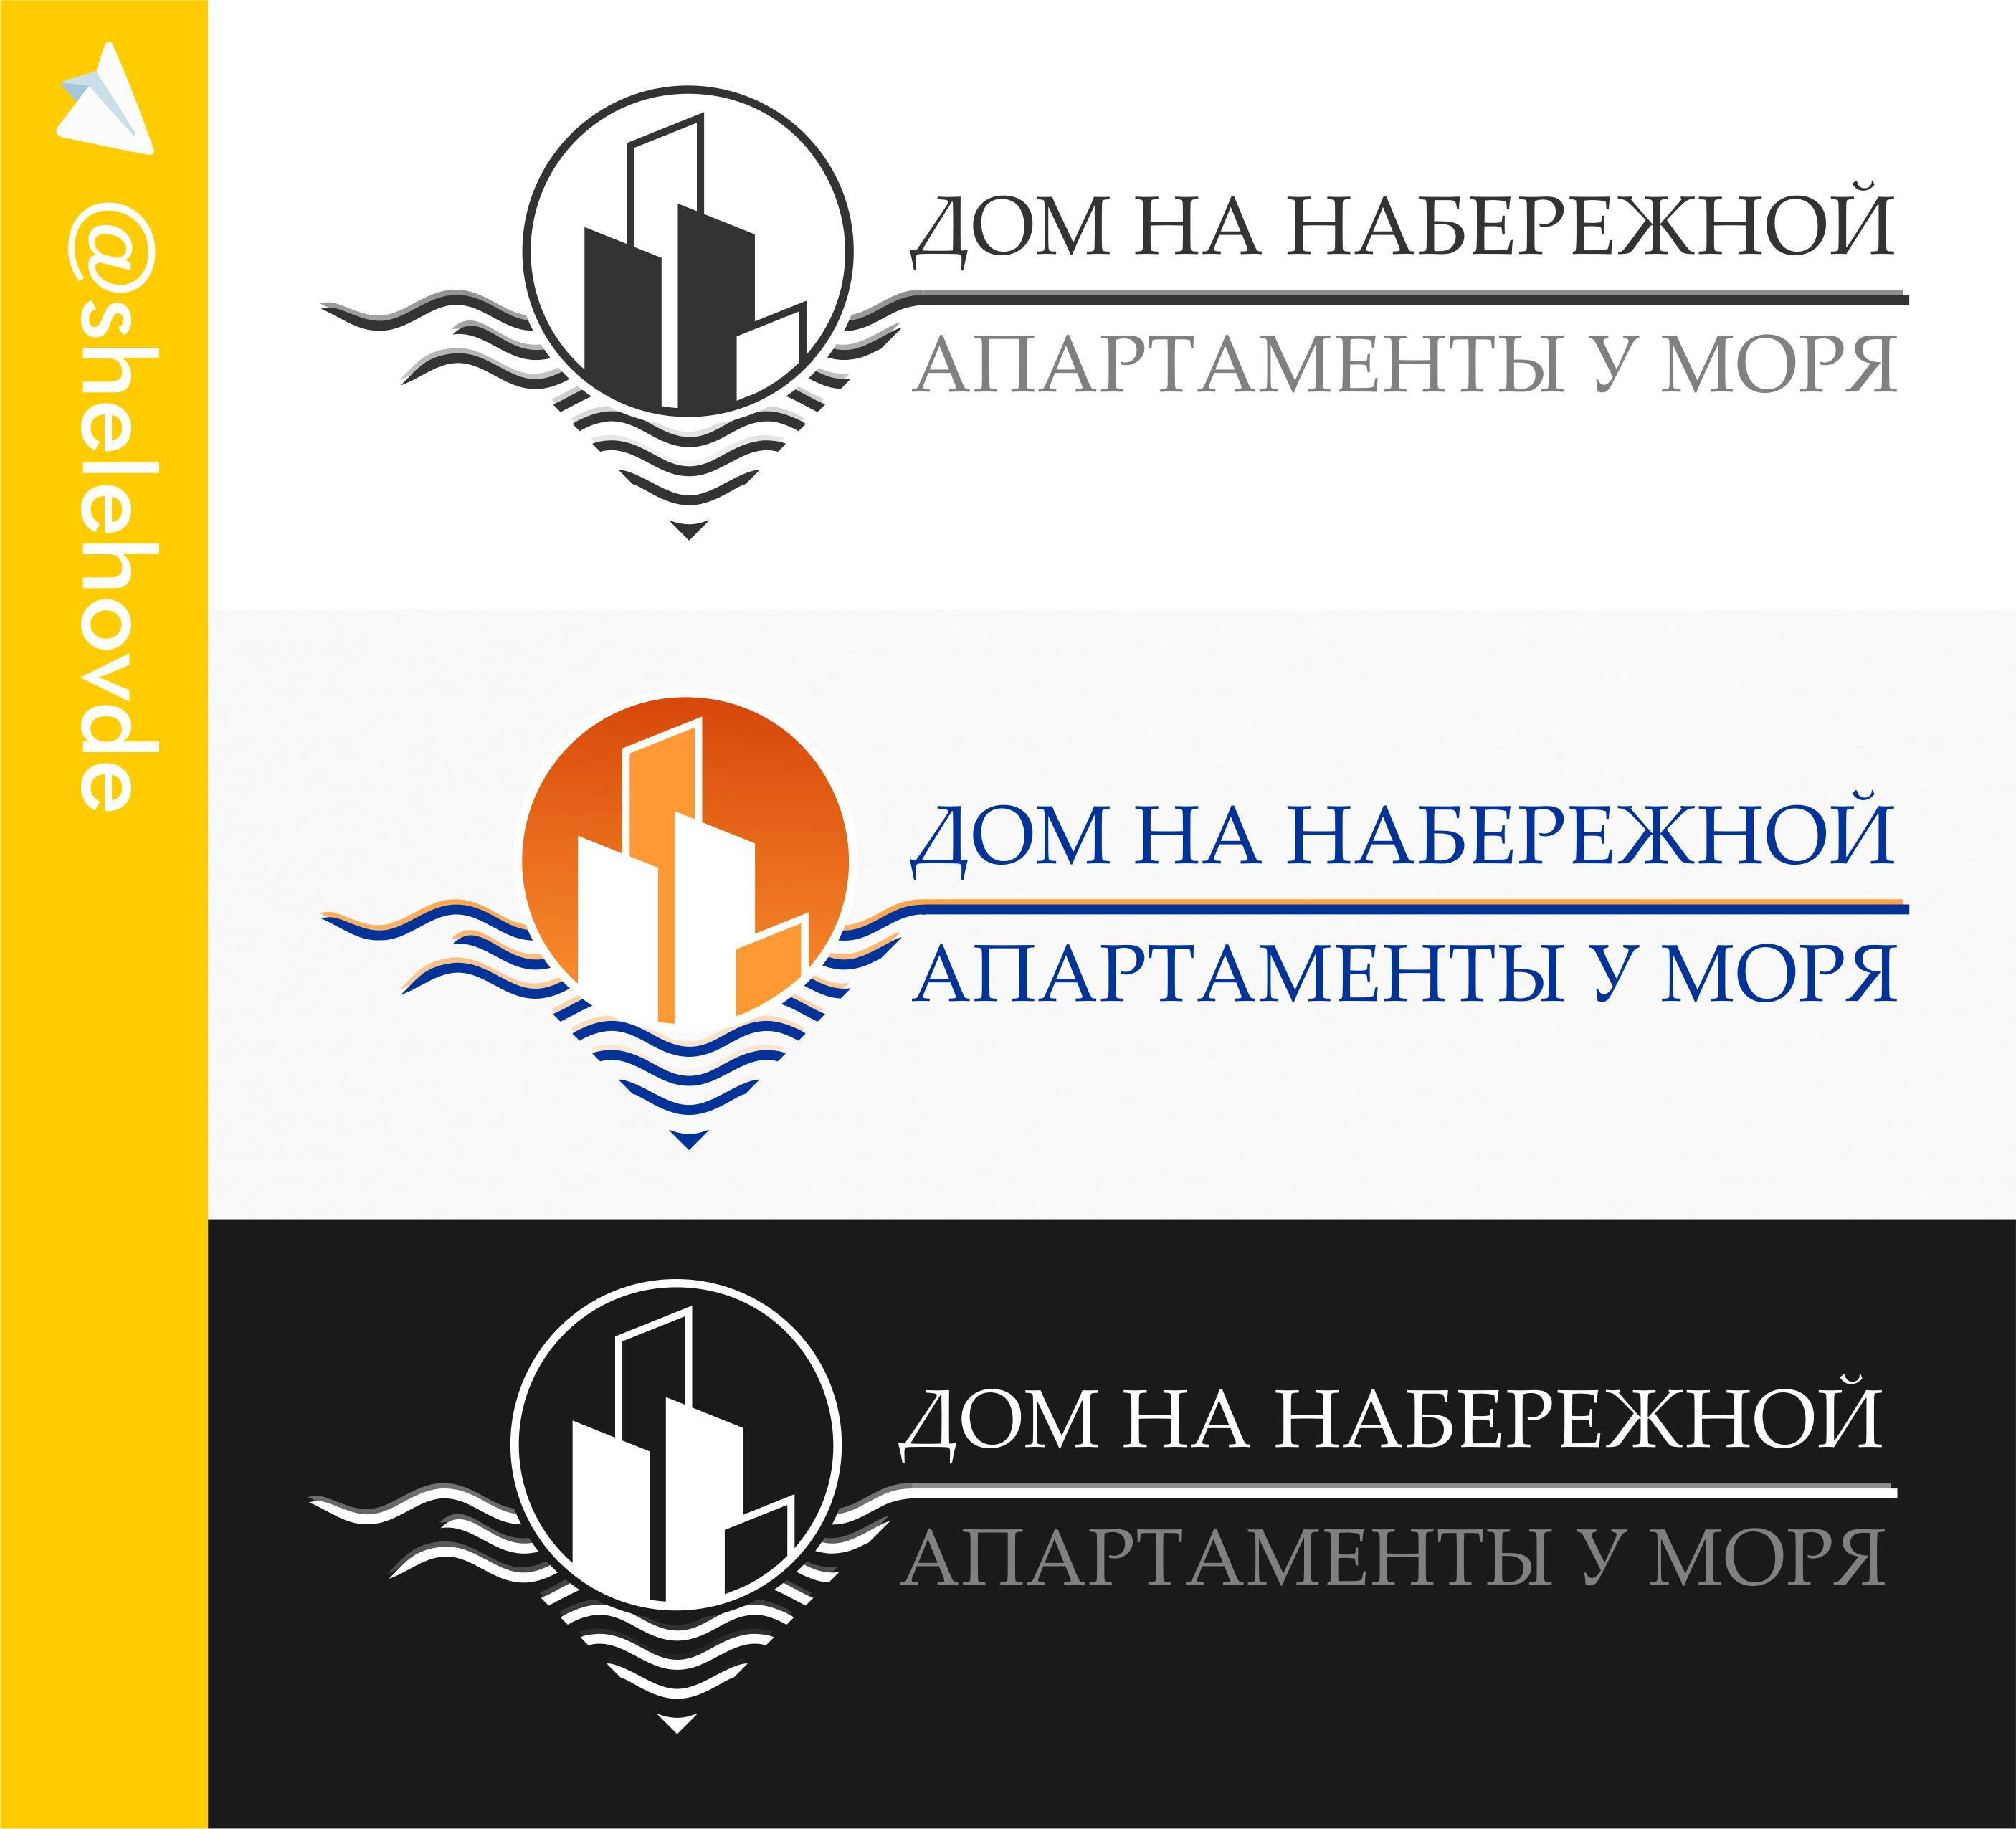 РАЗРАБОТКА логотипа для ЖИЛОГО КОМПЛЕКСА премиум В АНАПЕ.  фото f_9995ded0a803a93a.jpg